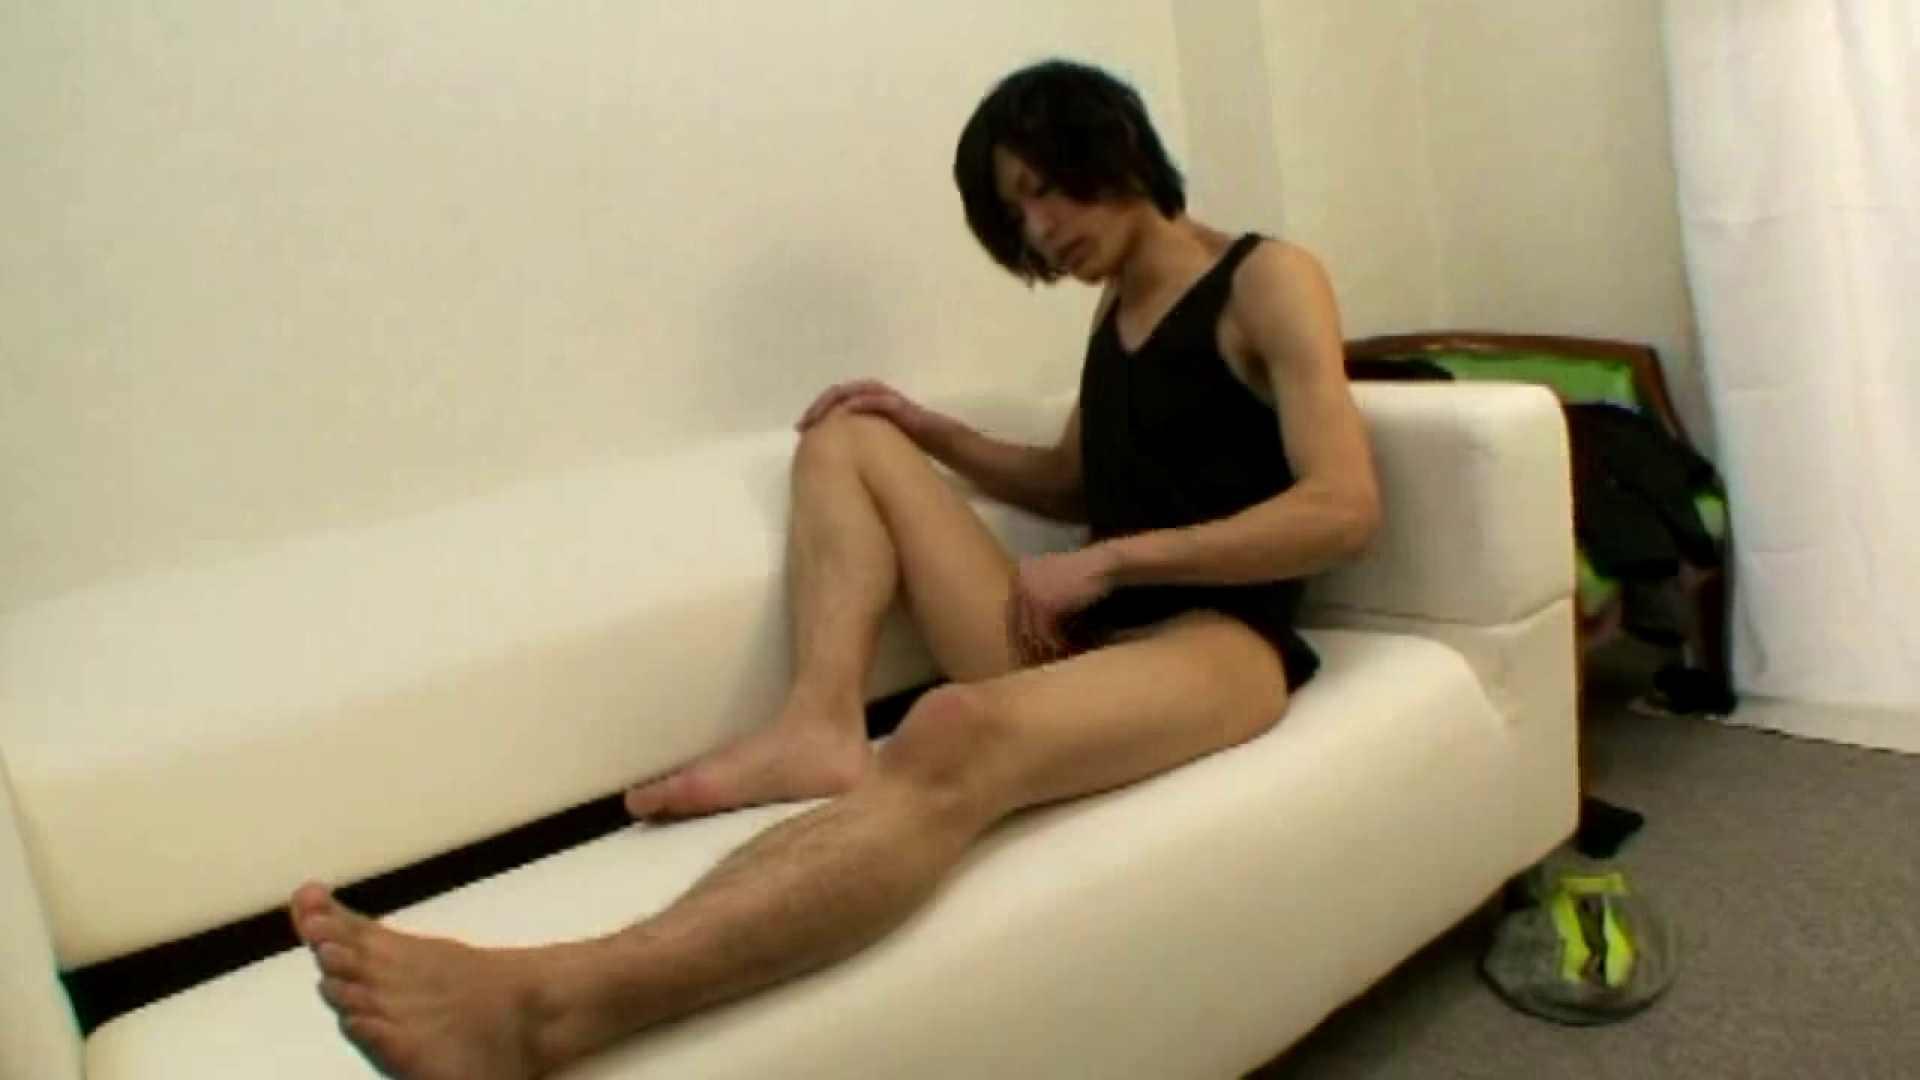 シャワー室で熱いマグマが吹き上がる! お風呂 ゲイAV画像 106pic 84